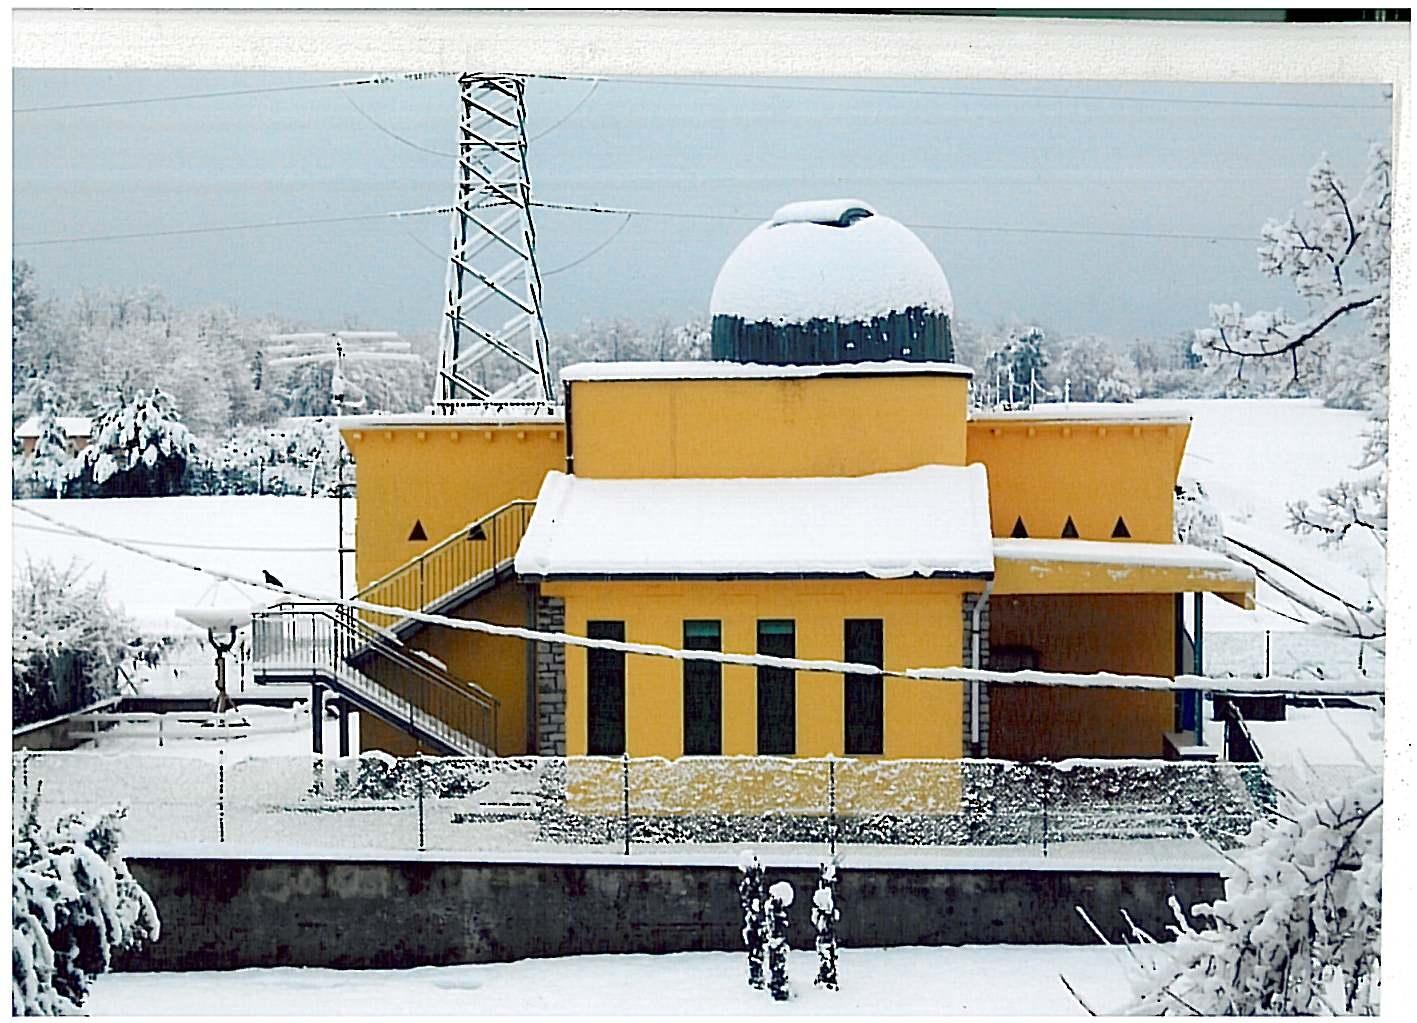 tavolaia_inverno2.JPG